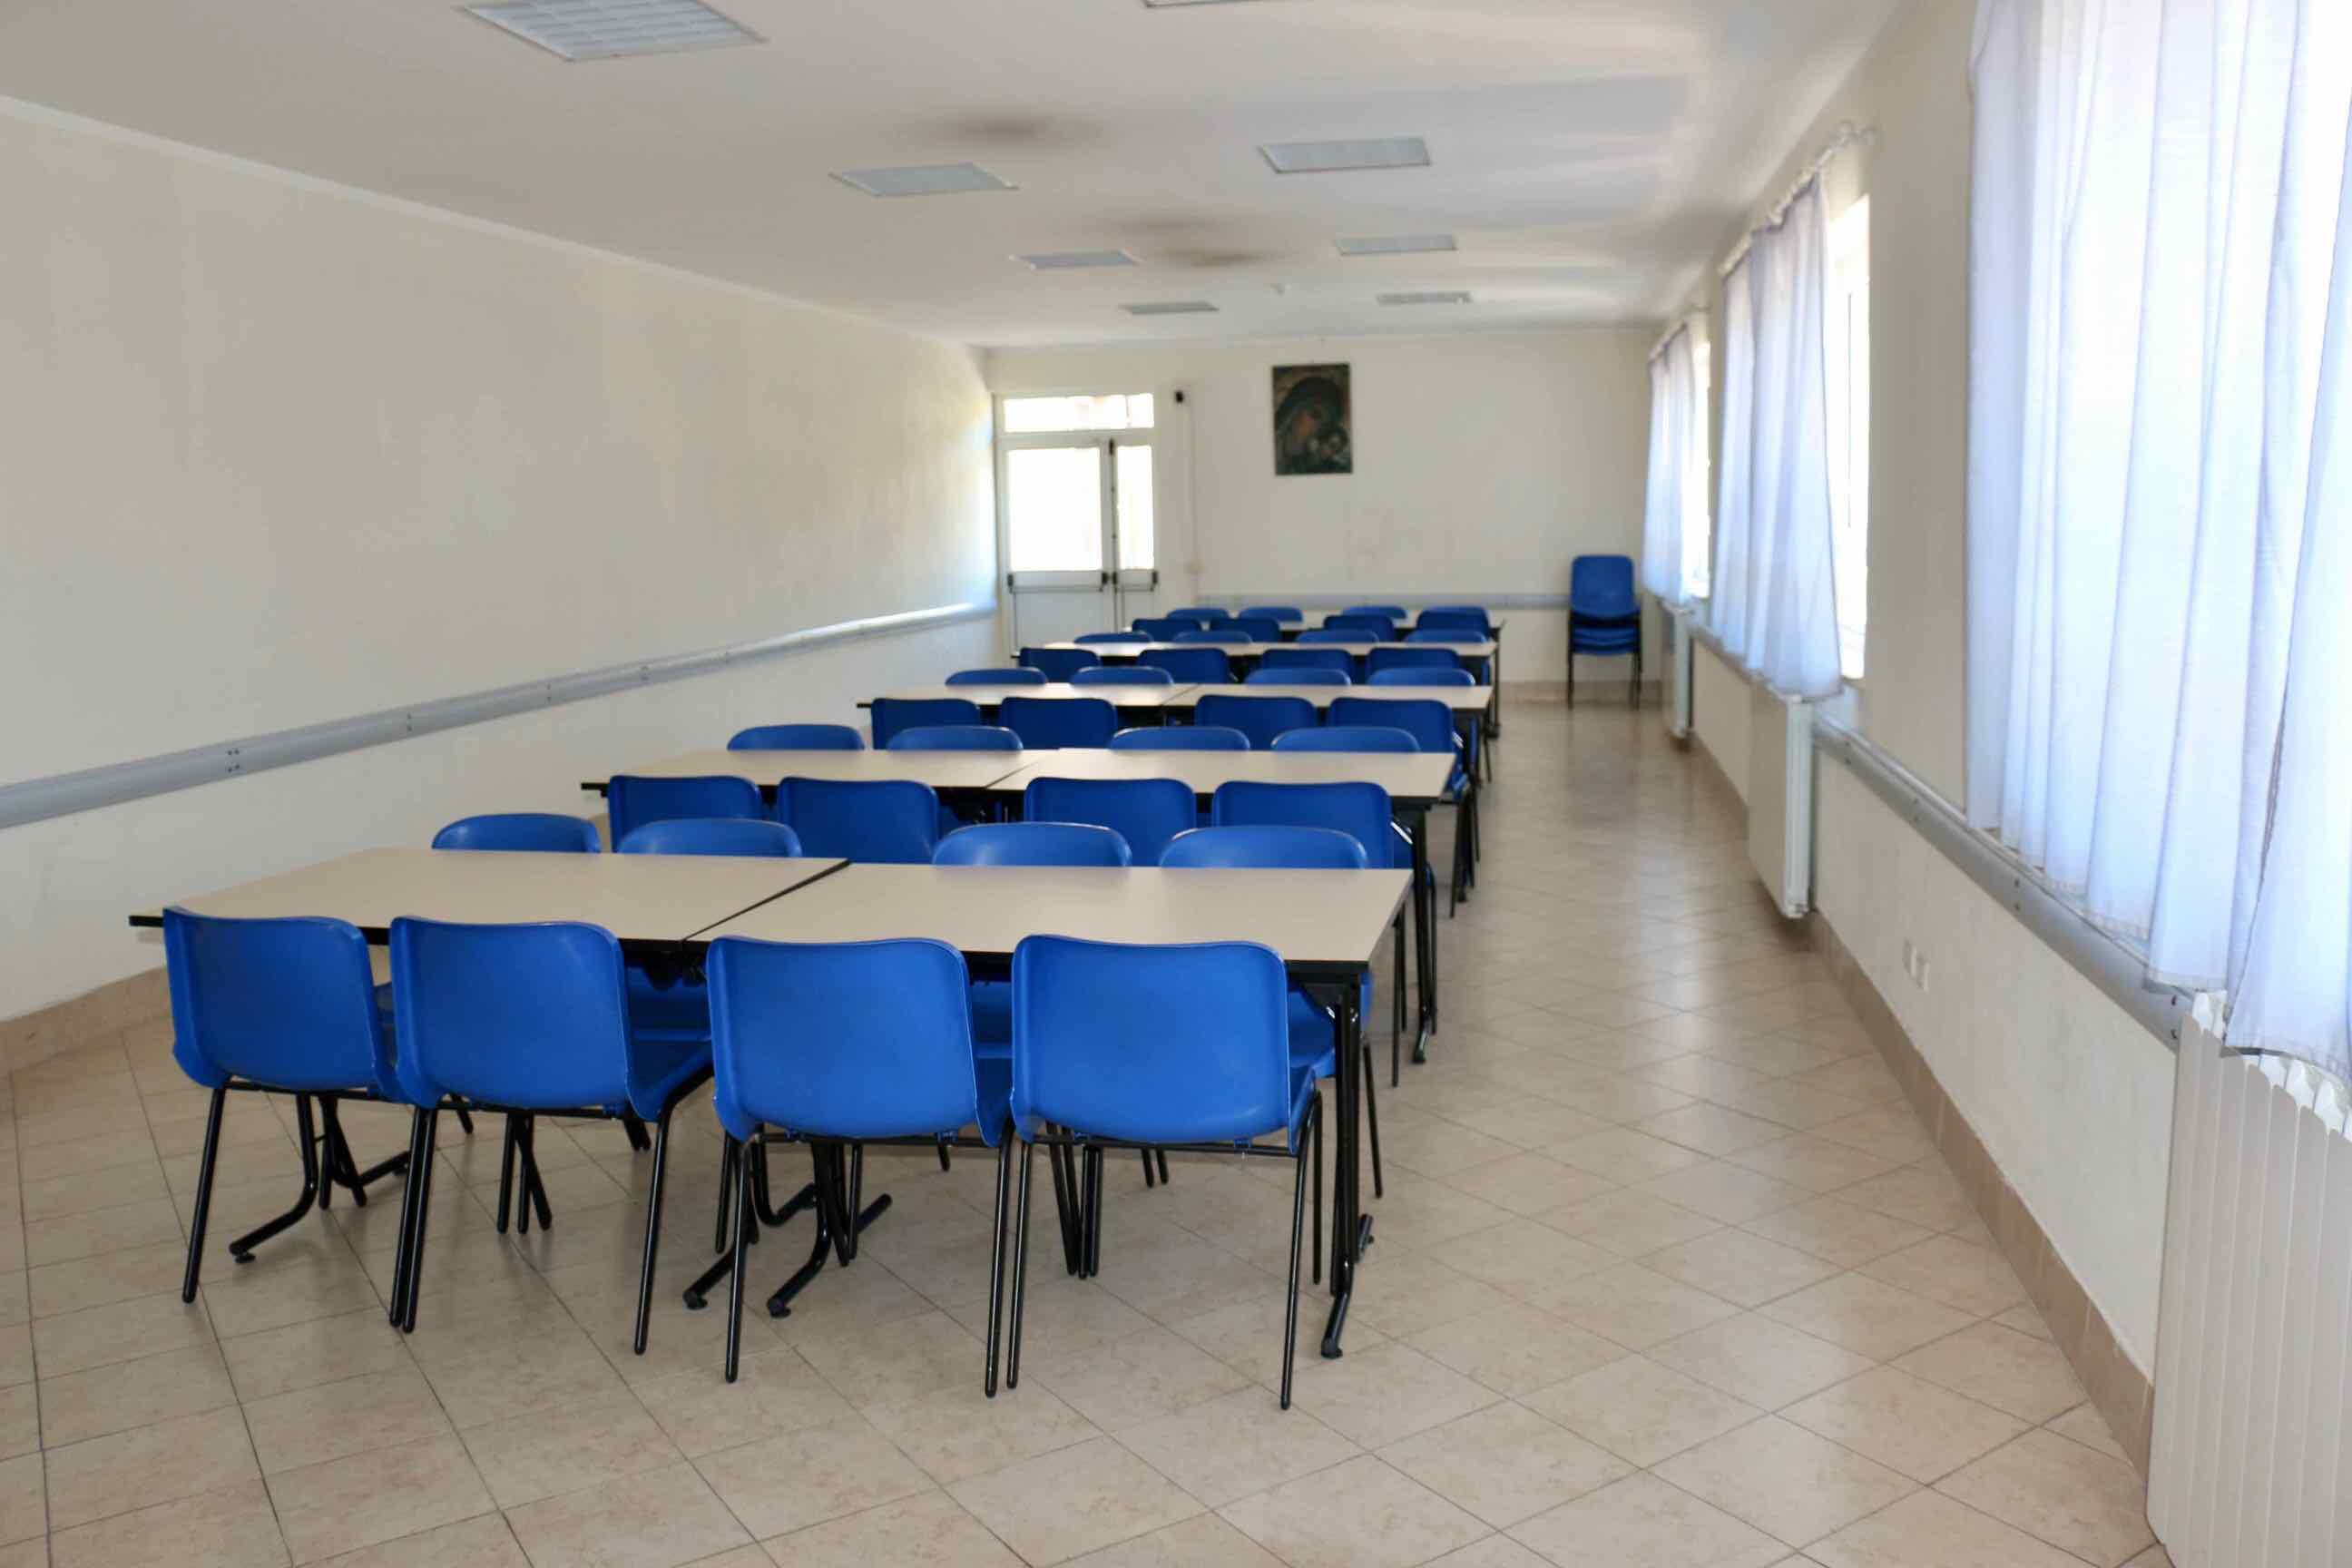 Casa per Ferie Villaggio Ospitale - Centro San Salvatore Villaggio del Ragazzo - 23